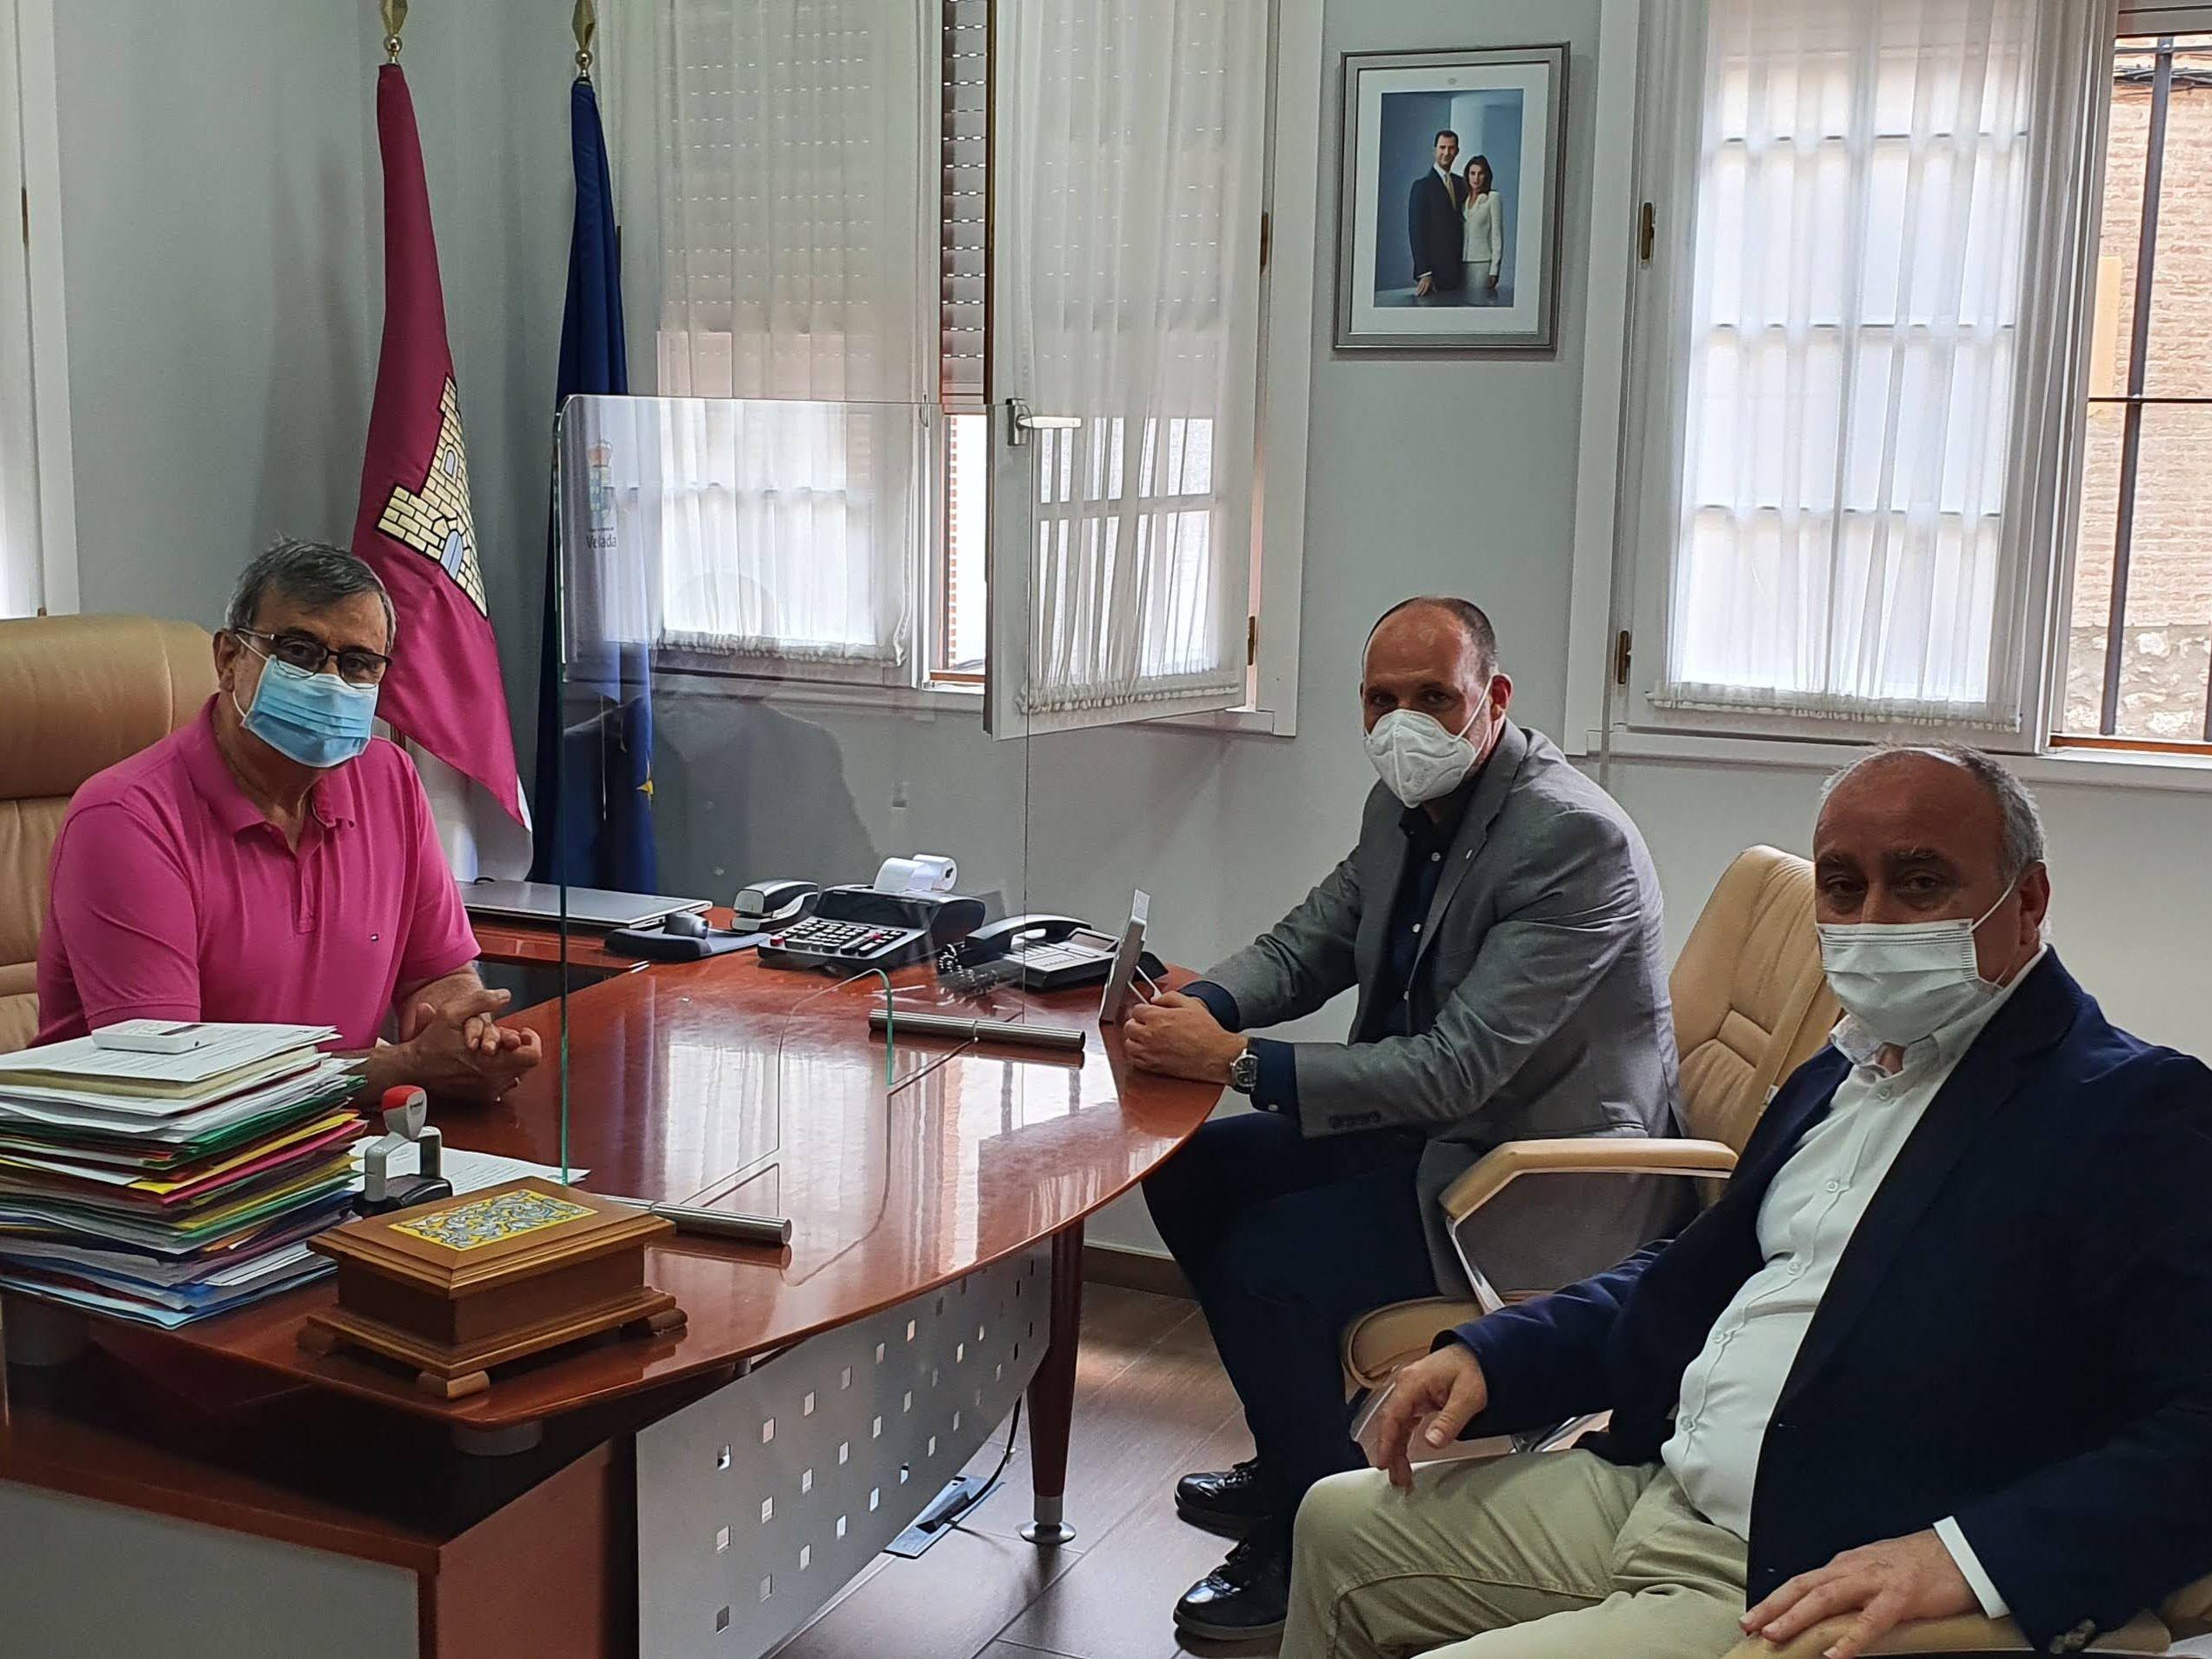 El Gobierno regional ha invertido casi 282.000 euros en políticas directas de empleo y de mantenimiento de la actividad económica en Velada